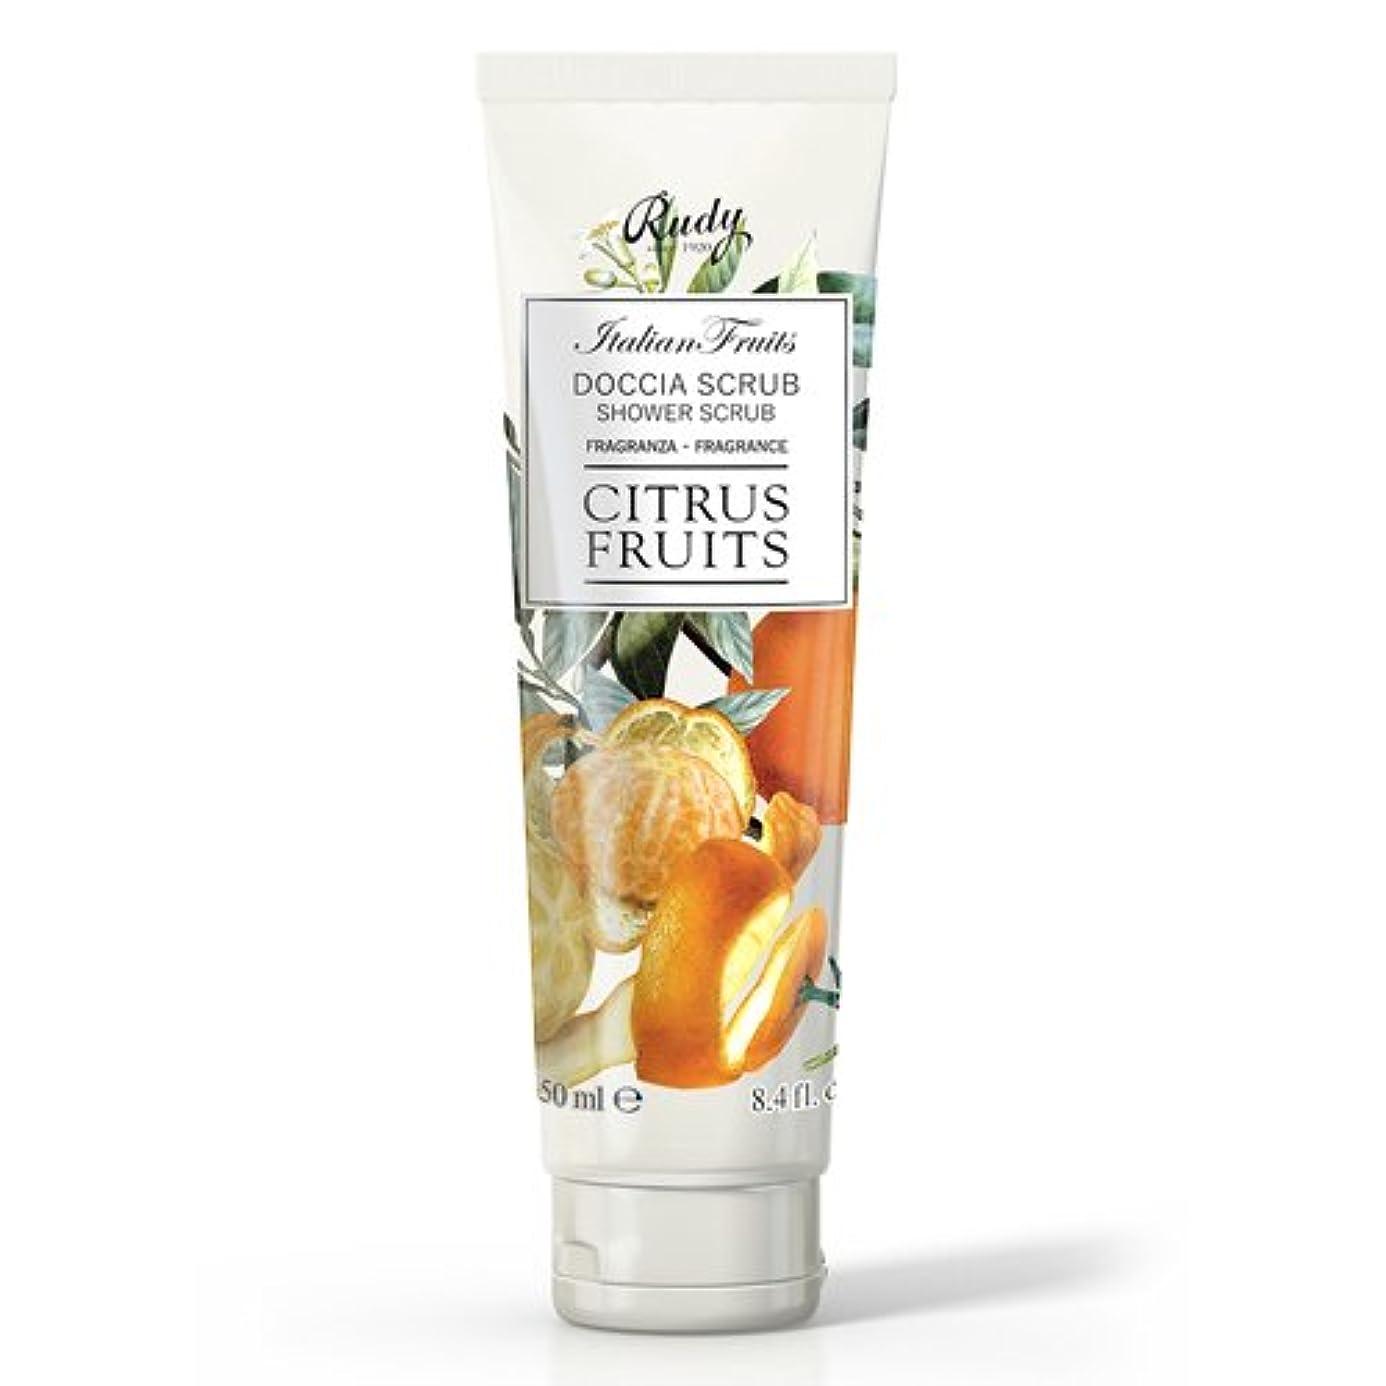 腫瘍発表する疑わしいRUDY Italian Fruits Series ルディ イタリアンフルーツ Shower Scrub シャワースクラブ Citrus Fruits